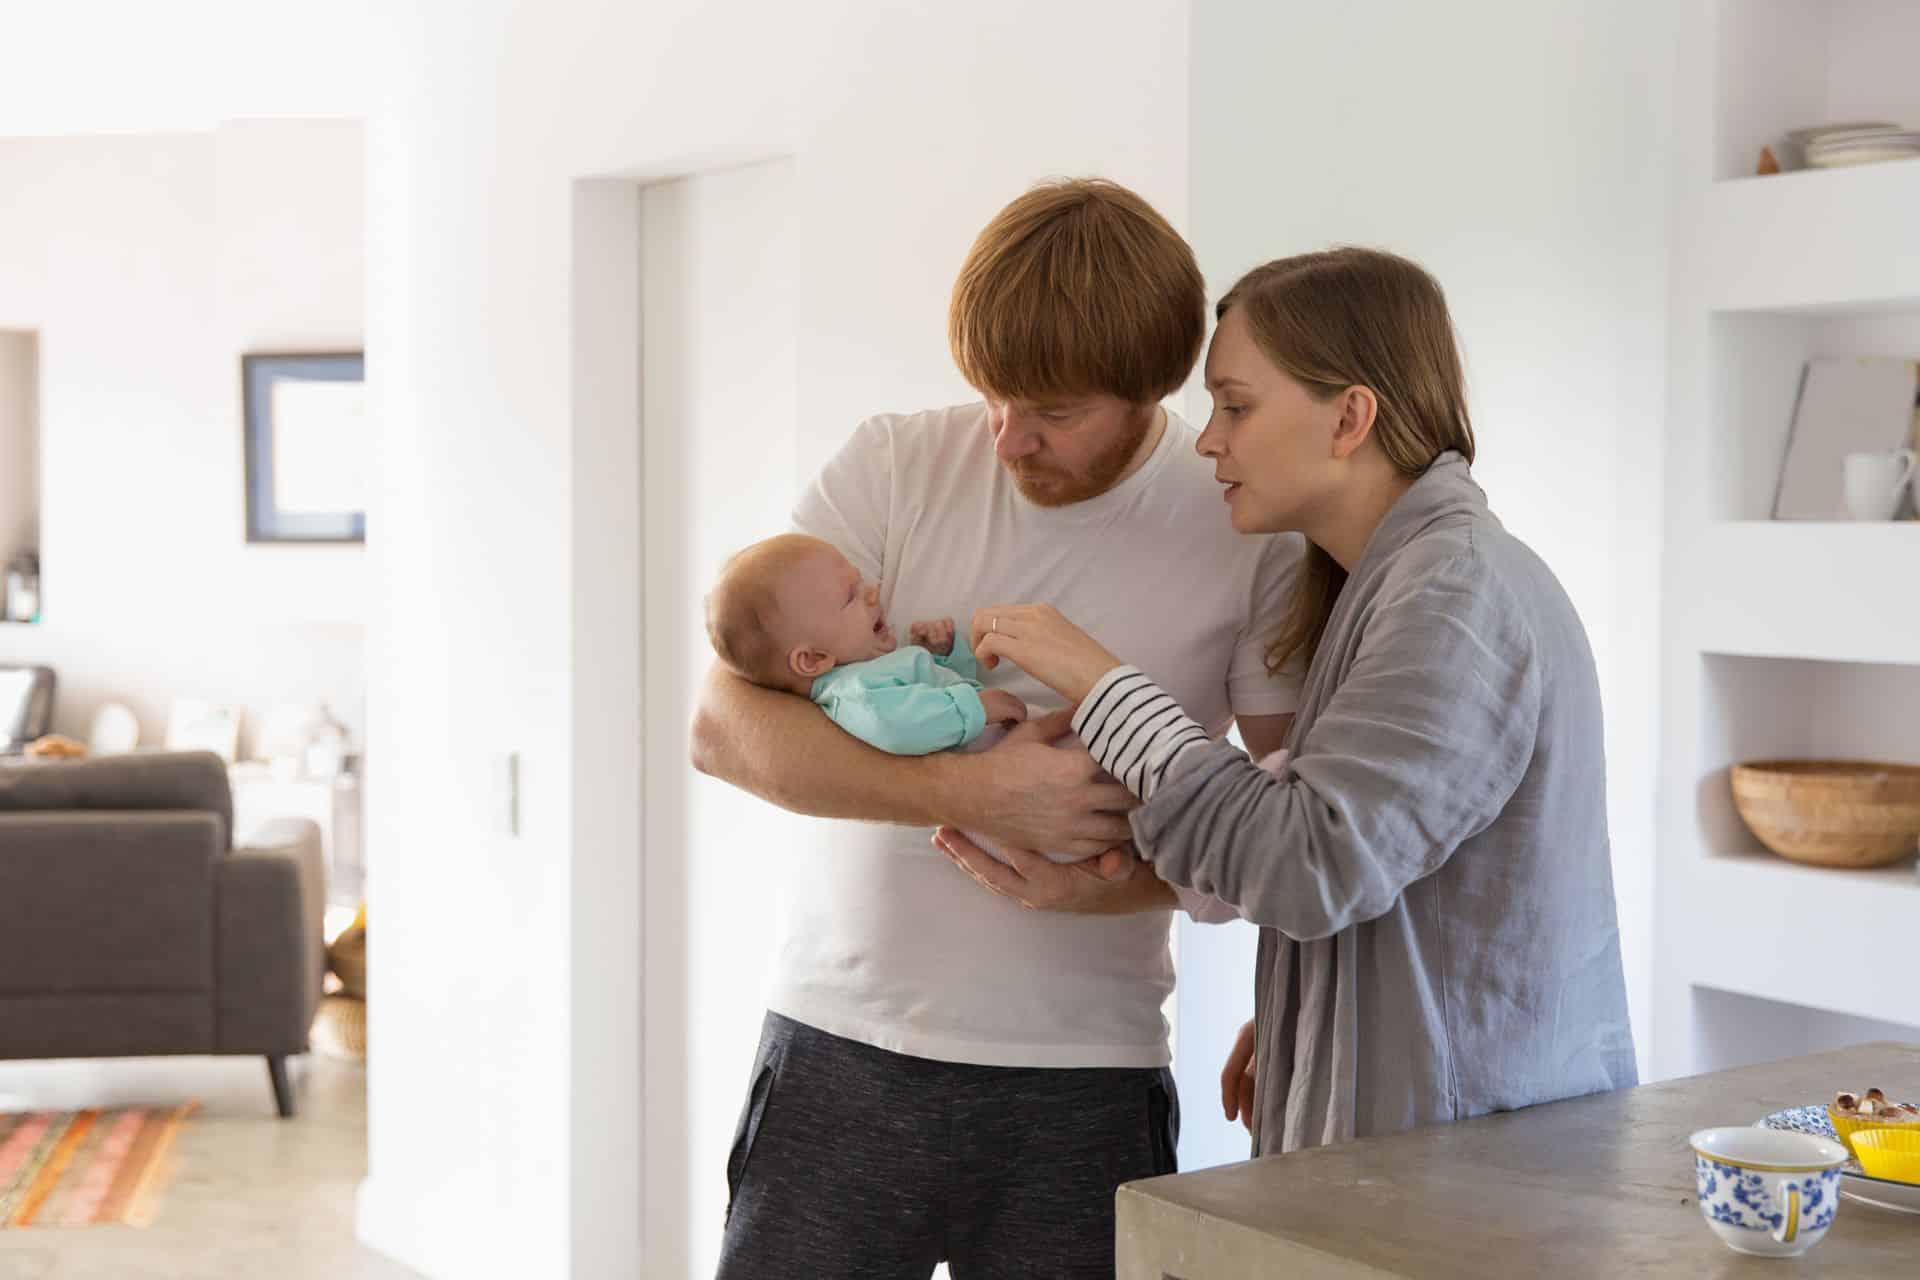 Hoe kan je vermijden dat je als koppel uit elkaar groeit na de komst van een baby?